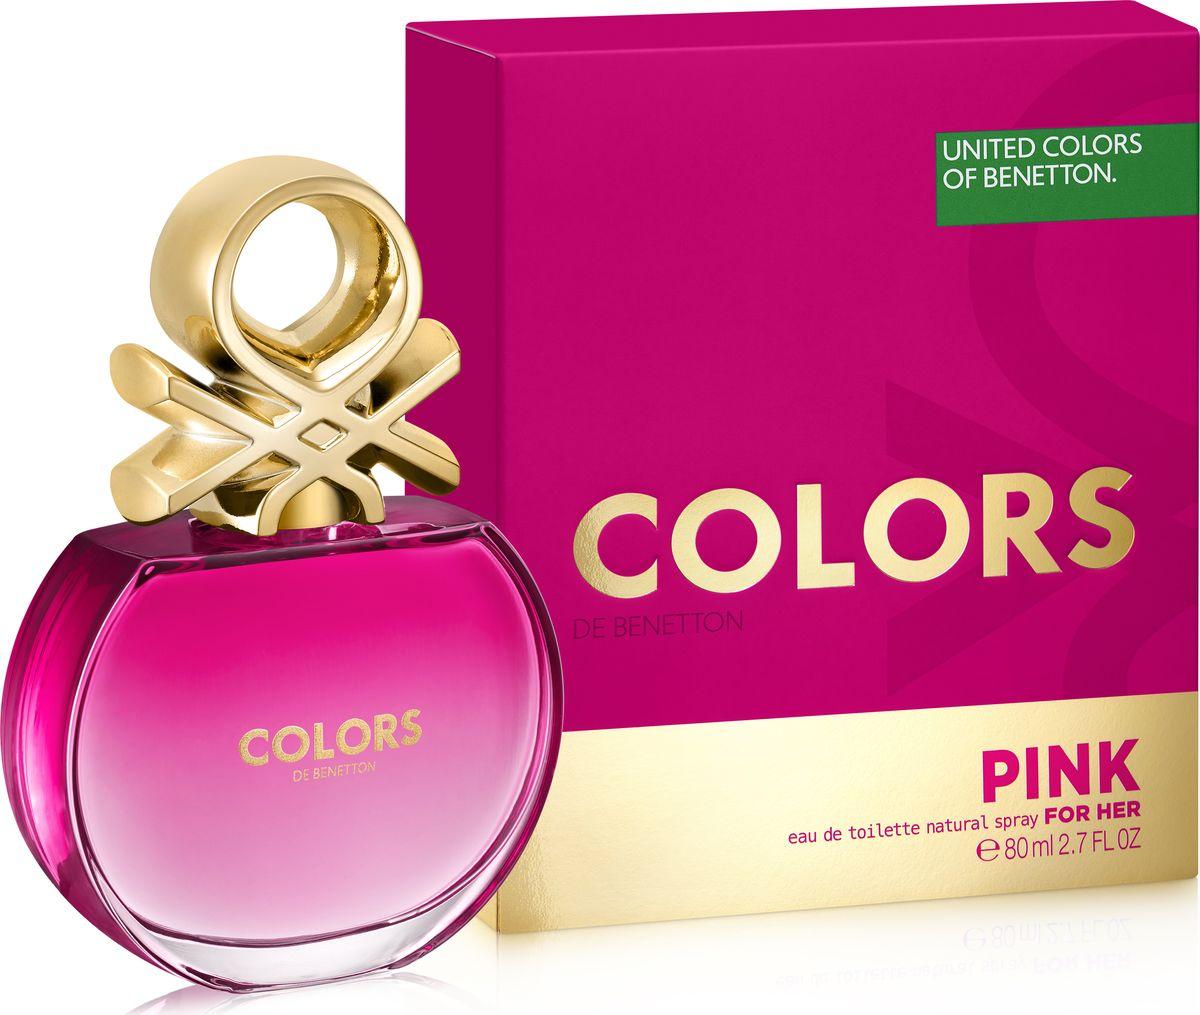 Benetton Colors Pink Туалетная вода женская 80 мл28032022Энергия революции мечтателей началась с UNITED DREAMS и достигла своей кульминации с женственной и яркой коммуникацией DREAM BIG «С НОВЫМИ МЕЧТАМИ!». Оптимистичный и позитивный призыв от United Colors of Benetton ко всем мечтателям, и тем, кто верит в способность желаний изменить мир к лучшему!Верхняя нота: Бергамот, Мандарин, МаракуйяСредняя нота: Апельсиновый цвет, Роза, ЖасминШлейф: Благородный цветок розы, который создаёт женственный и романтичный нюансНанести на кожу, избегая попадания в глаза.